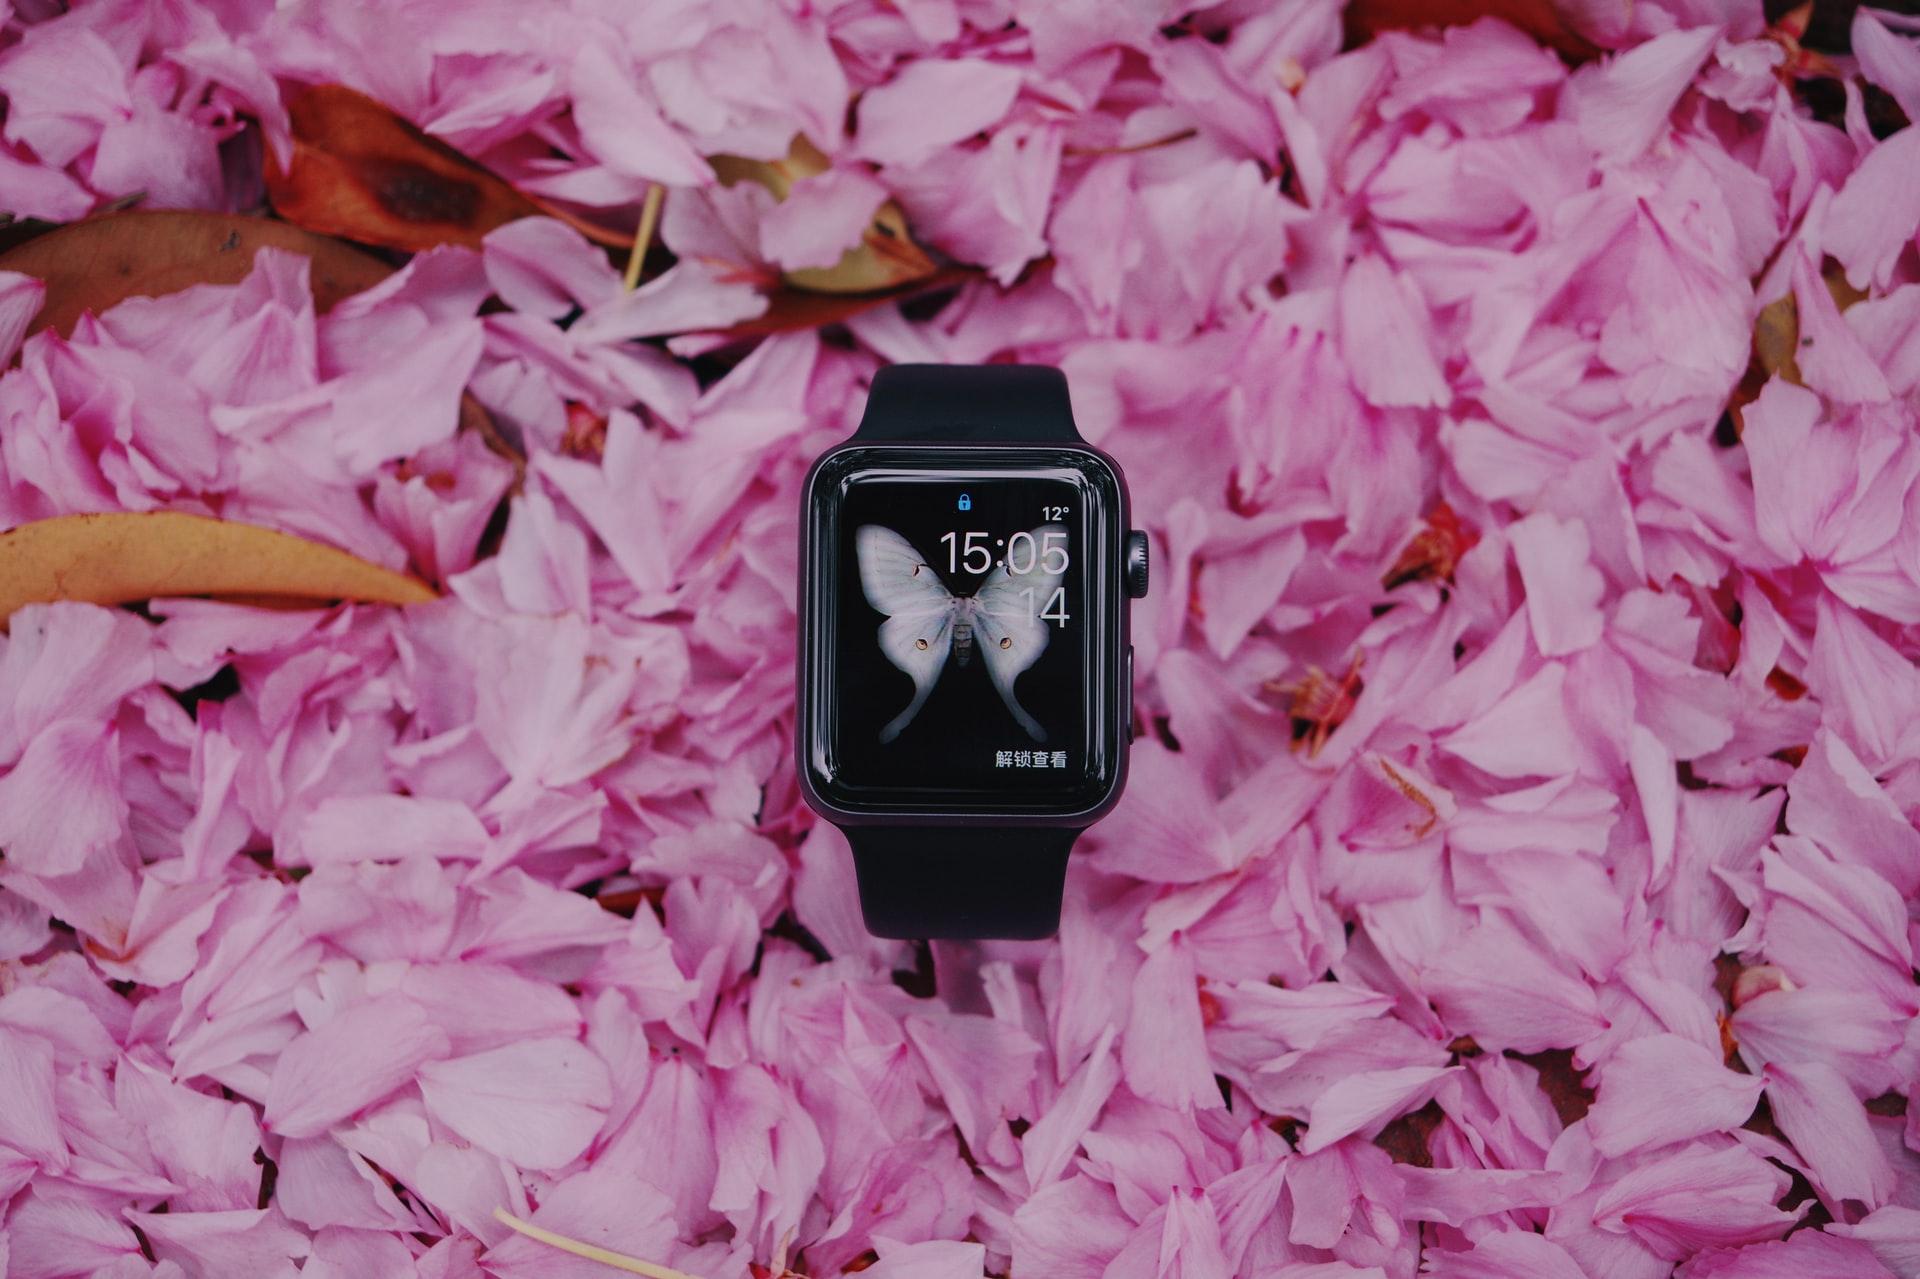 reloj inteligente de huawei